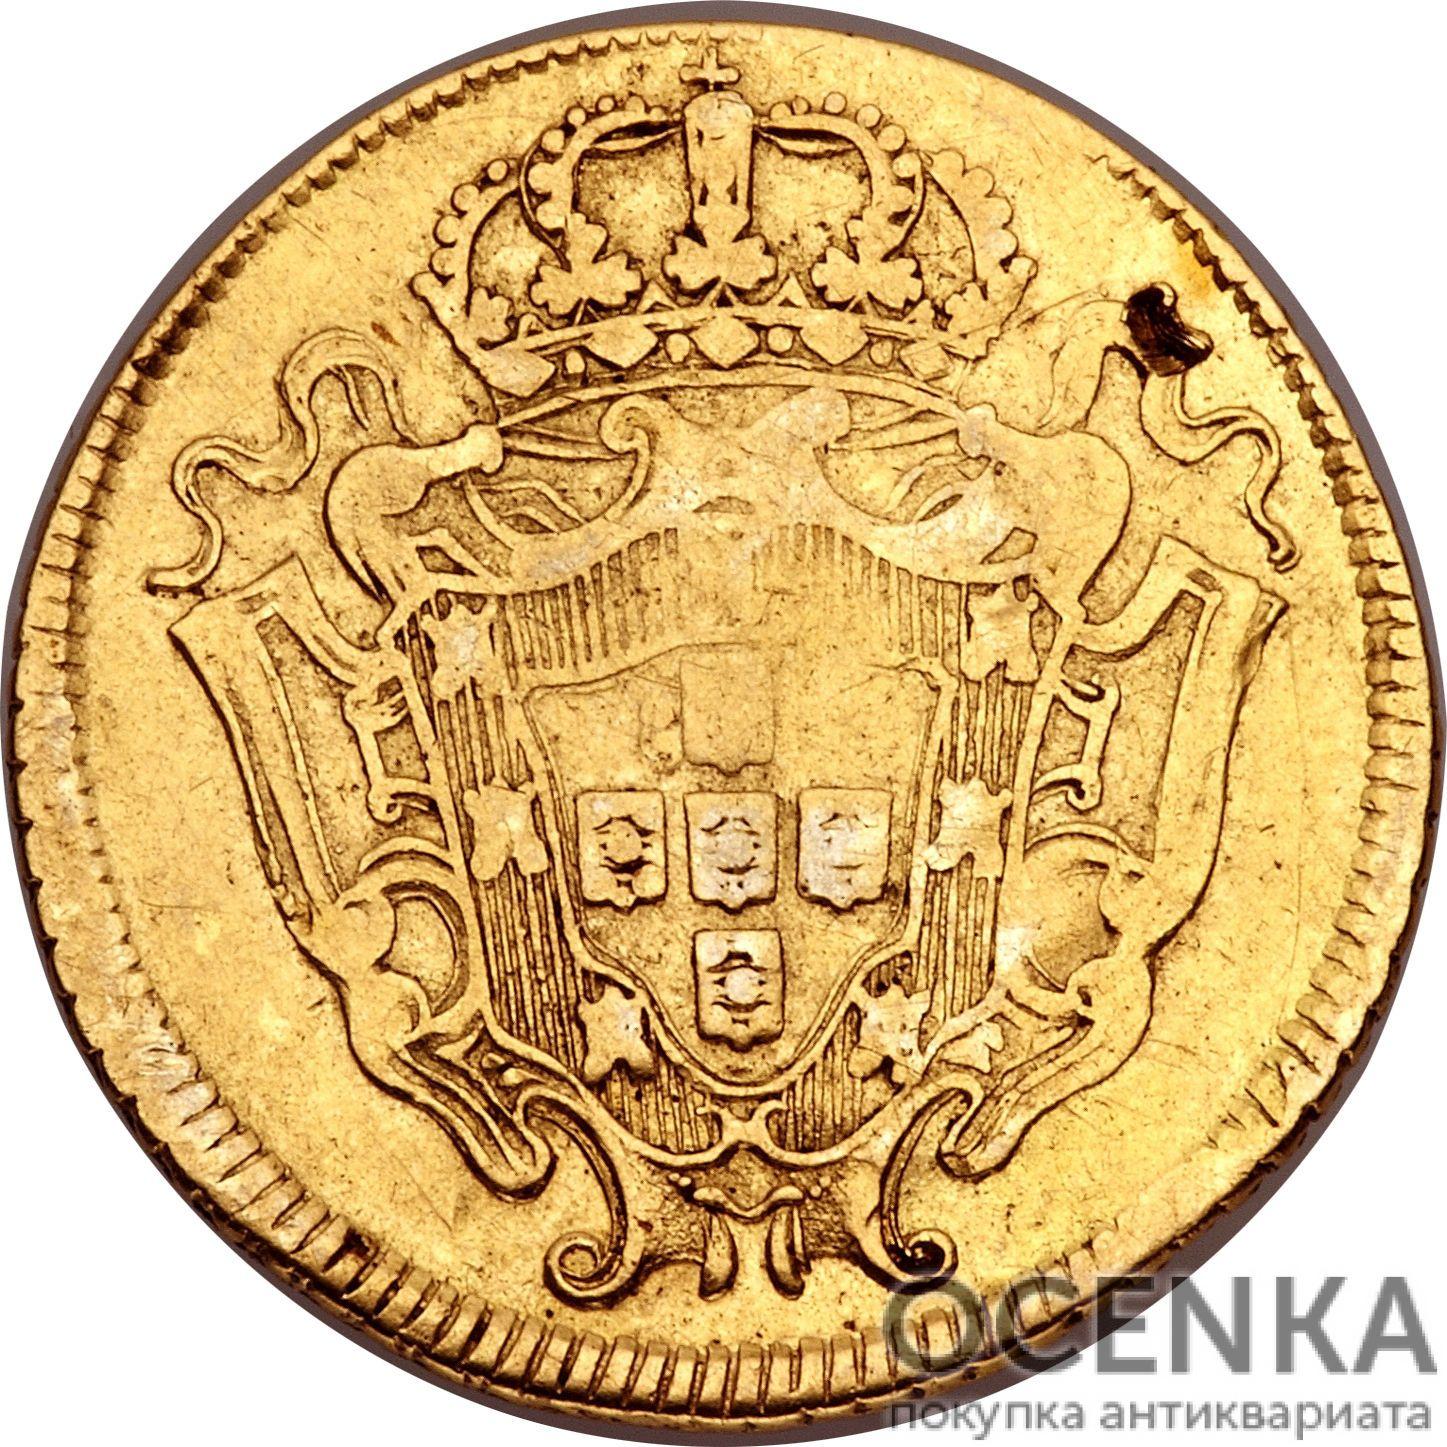 Золотая монета 3200 рейсов (3200 Réis) Бразилия - 1